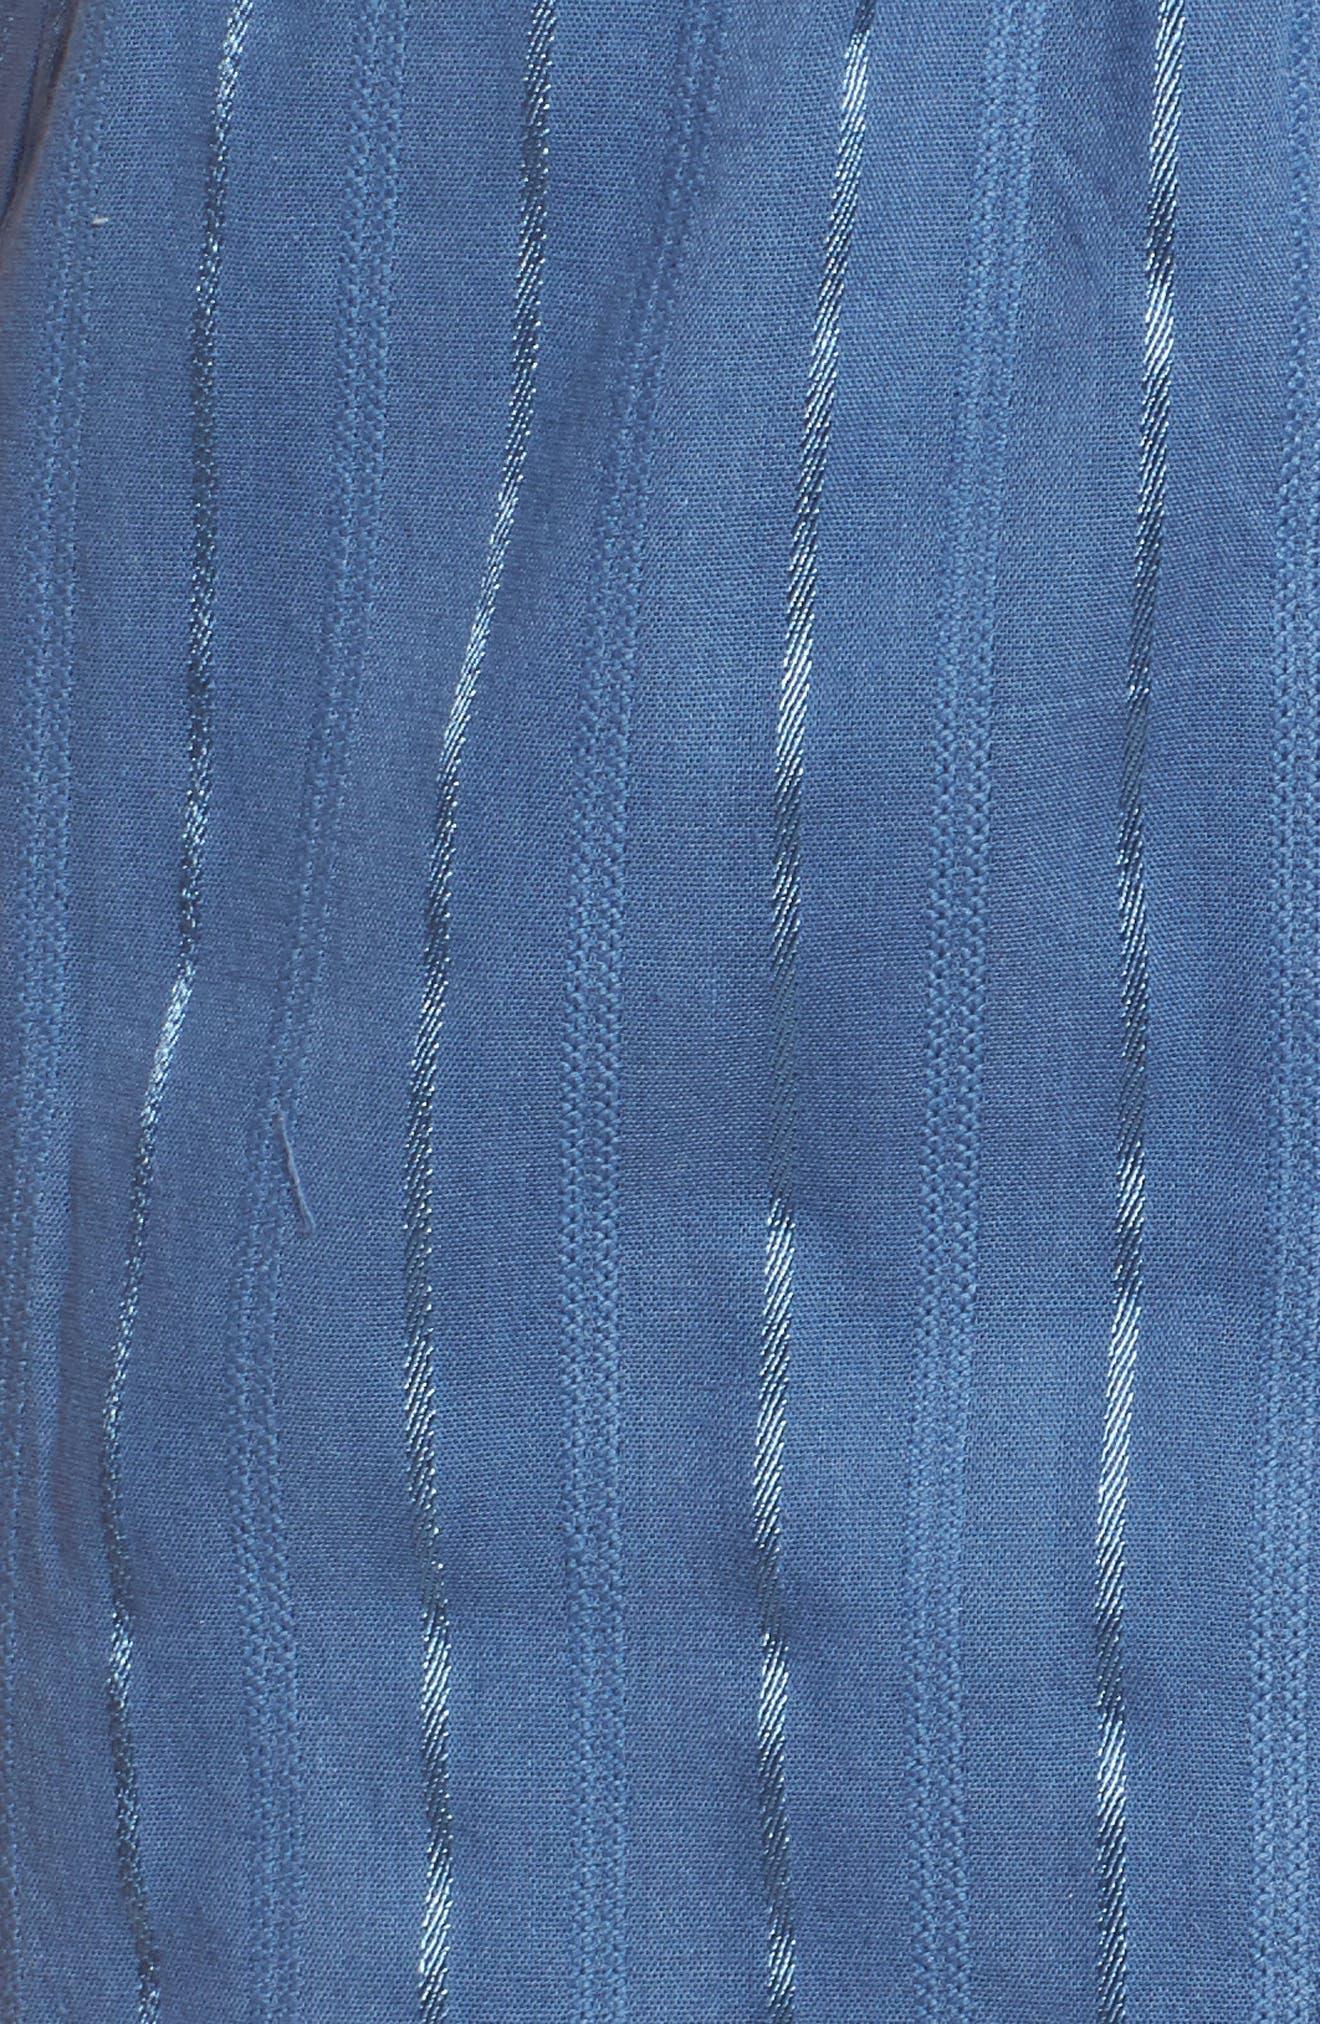 Suri Halter Crop Jumpsuit,                             Alternate thumbnail 6, color,                             Horizon Blue